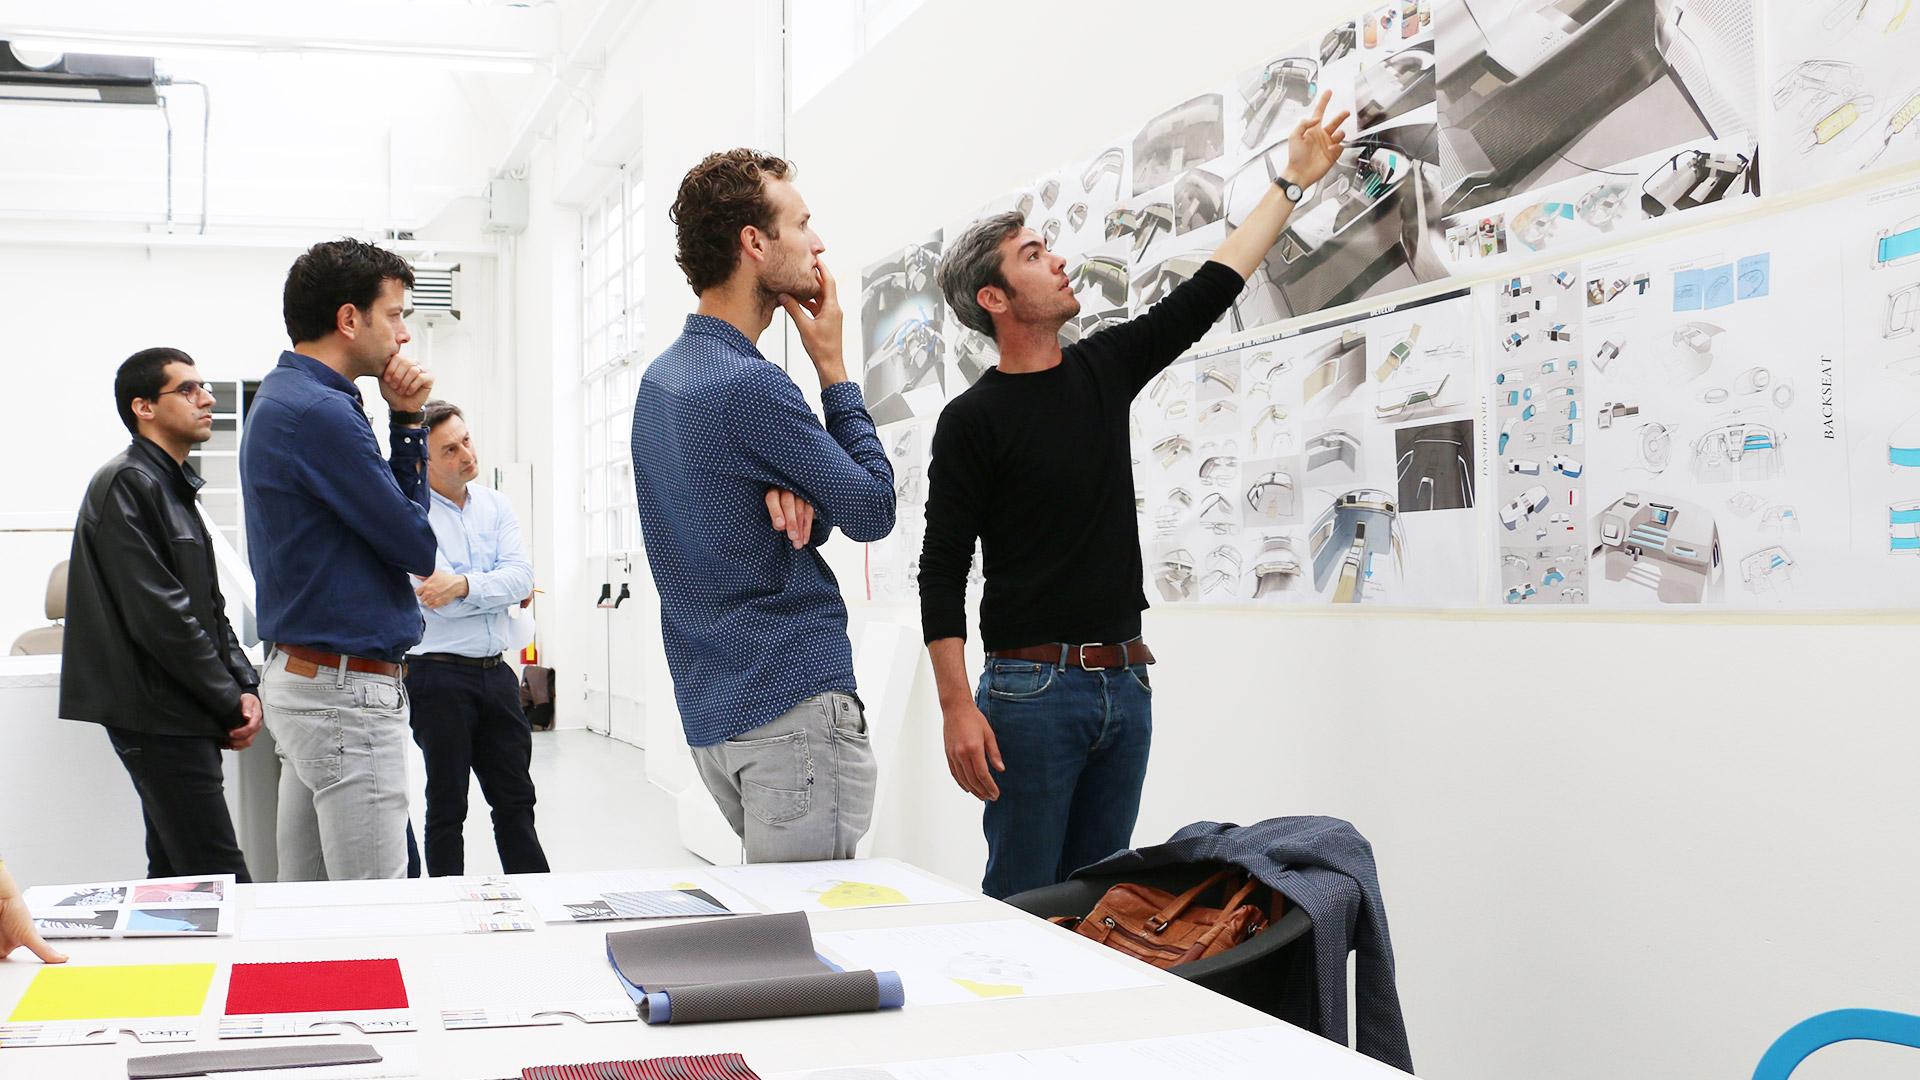 02 - Design discussion